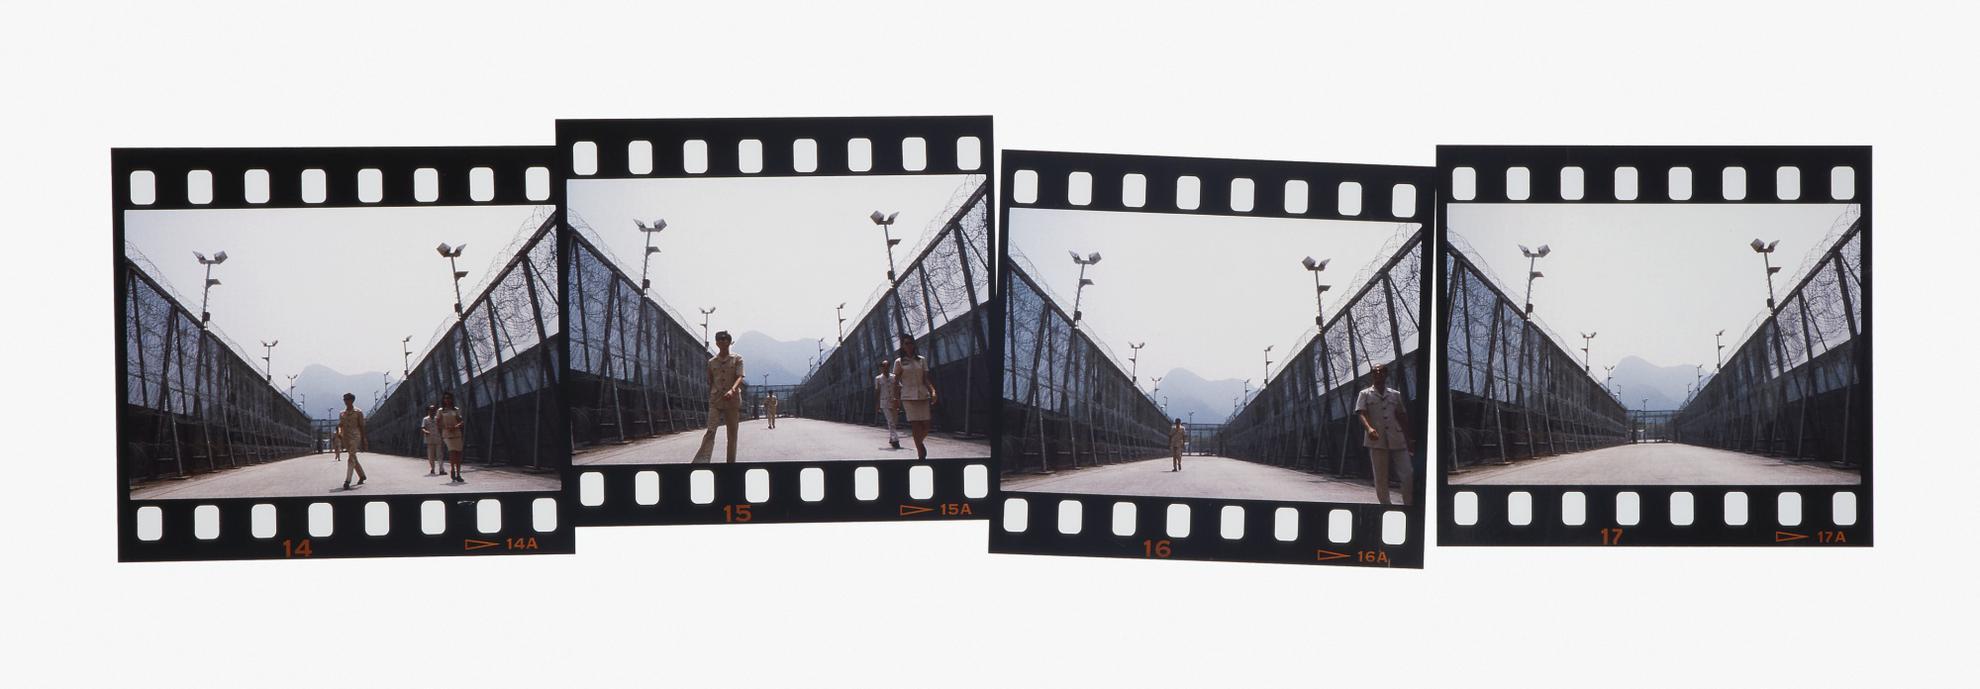 Alfredo Jaar-Death Corridor-1994